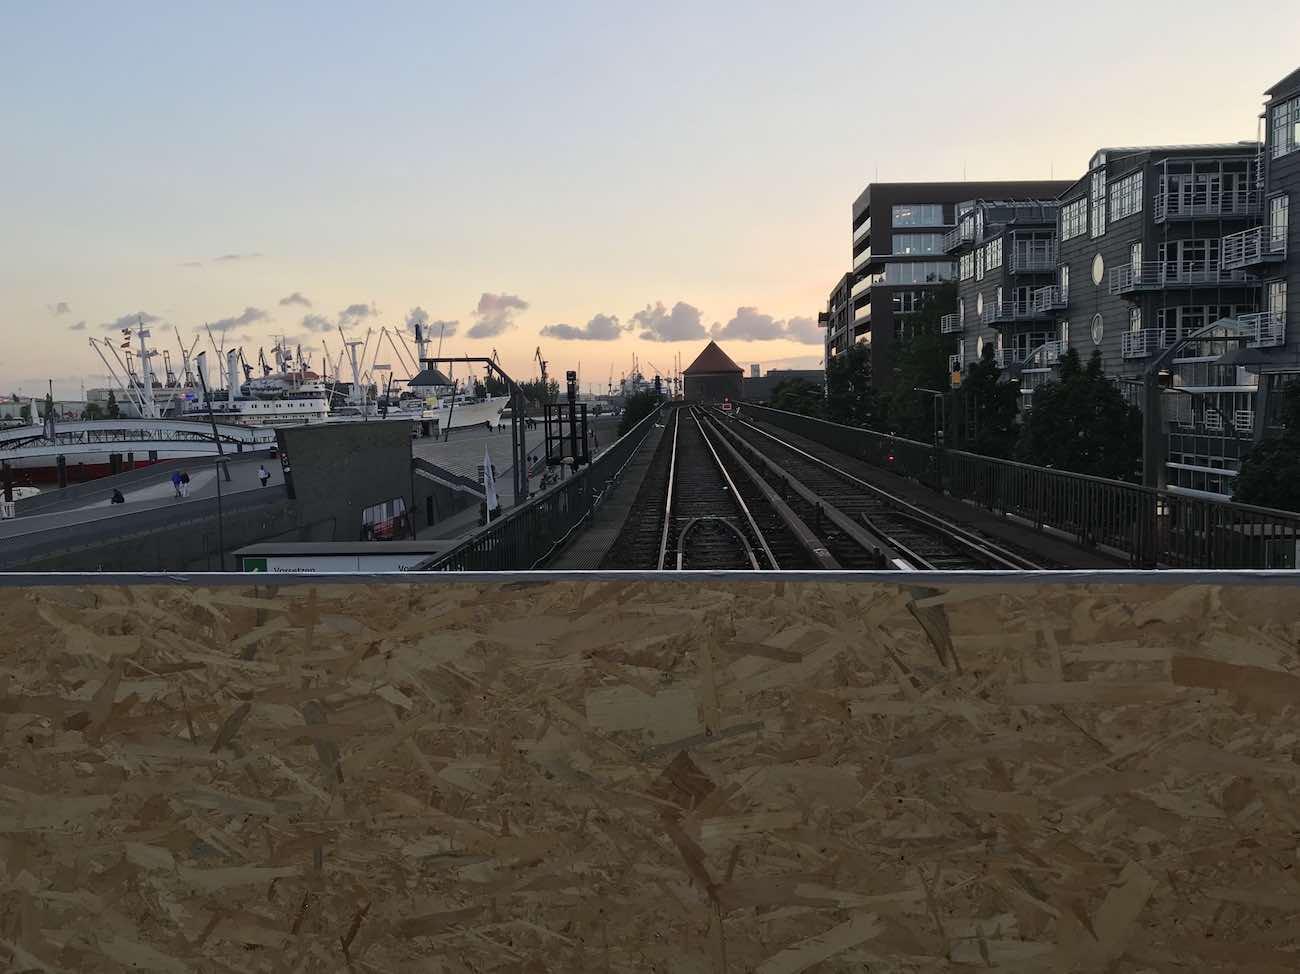 Sperrung der U3 (Landungsbrücken) wegen Bauarbeiten